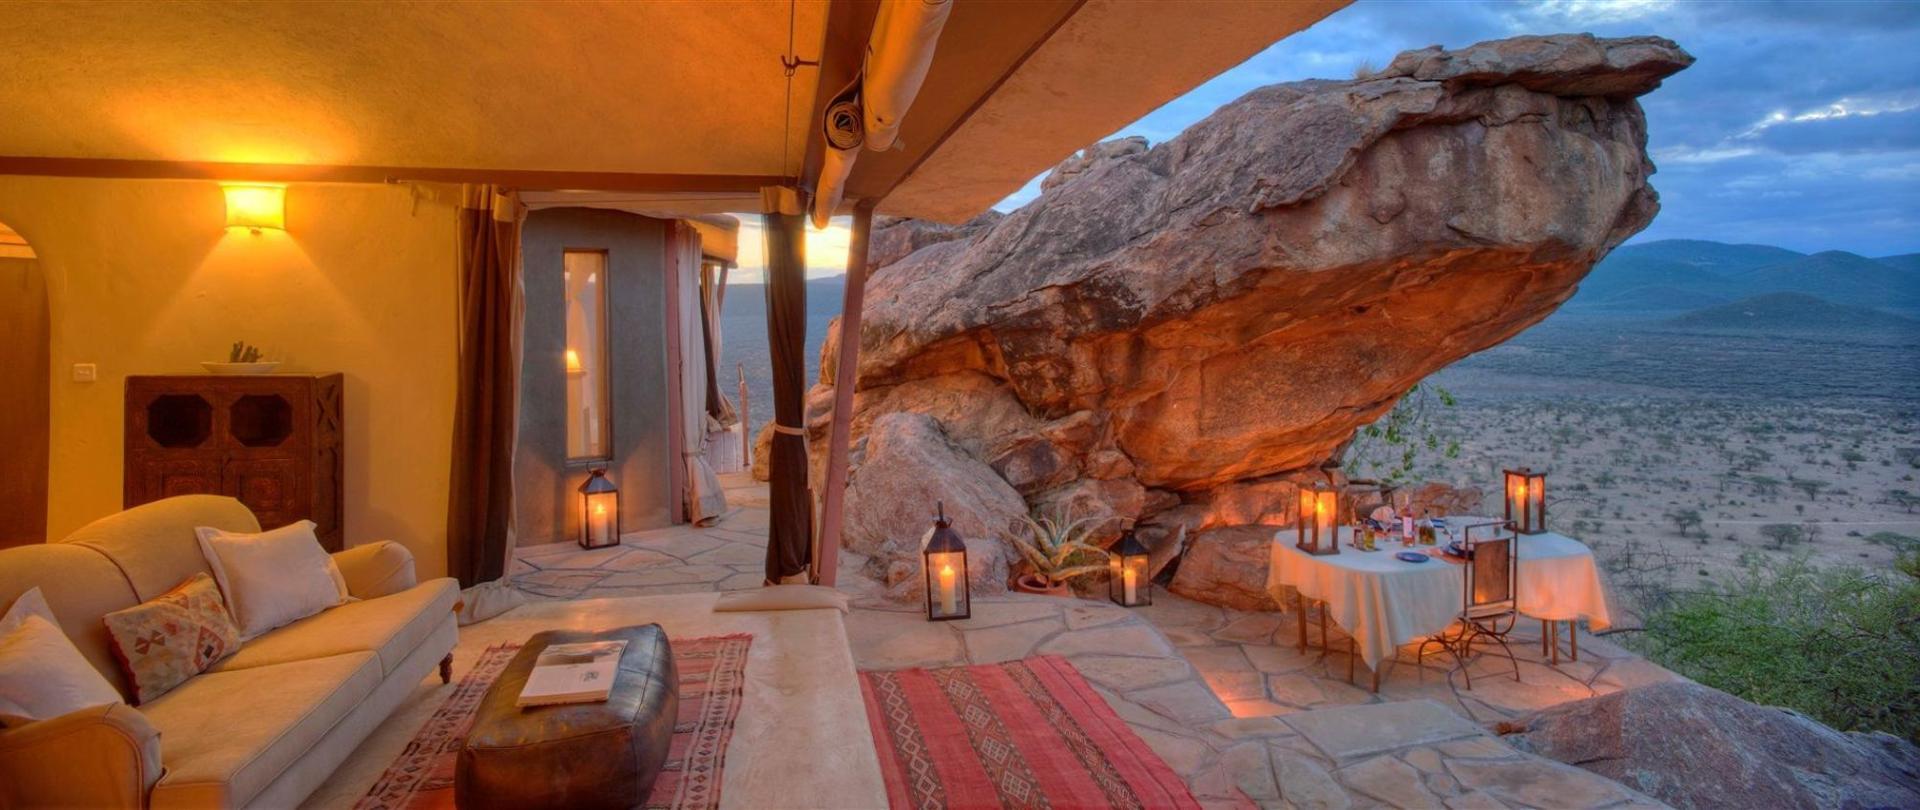 villa-5-revamped-honeymoon-villa.jpg